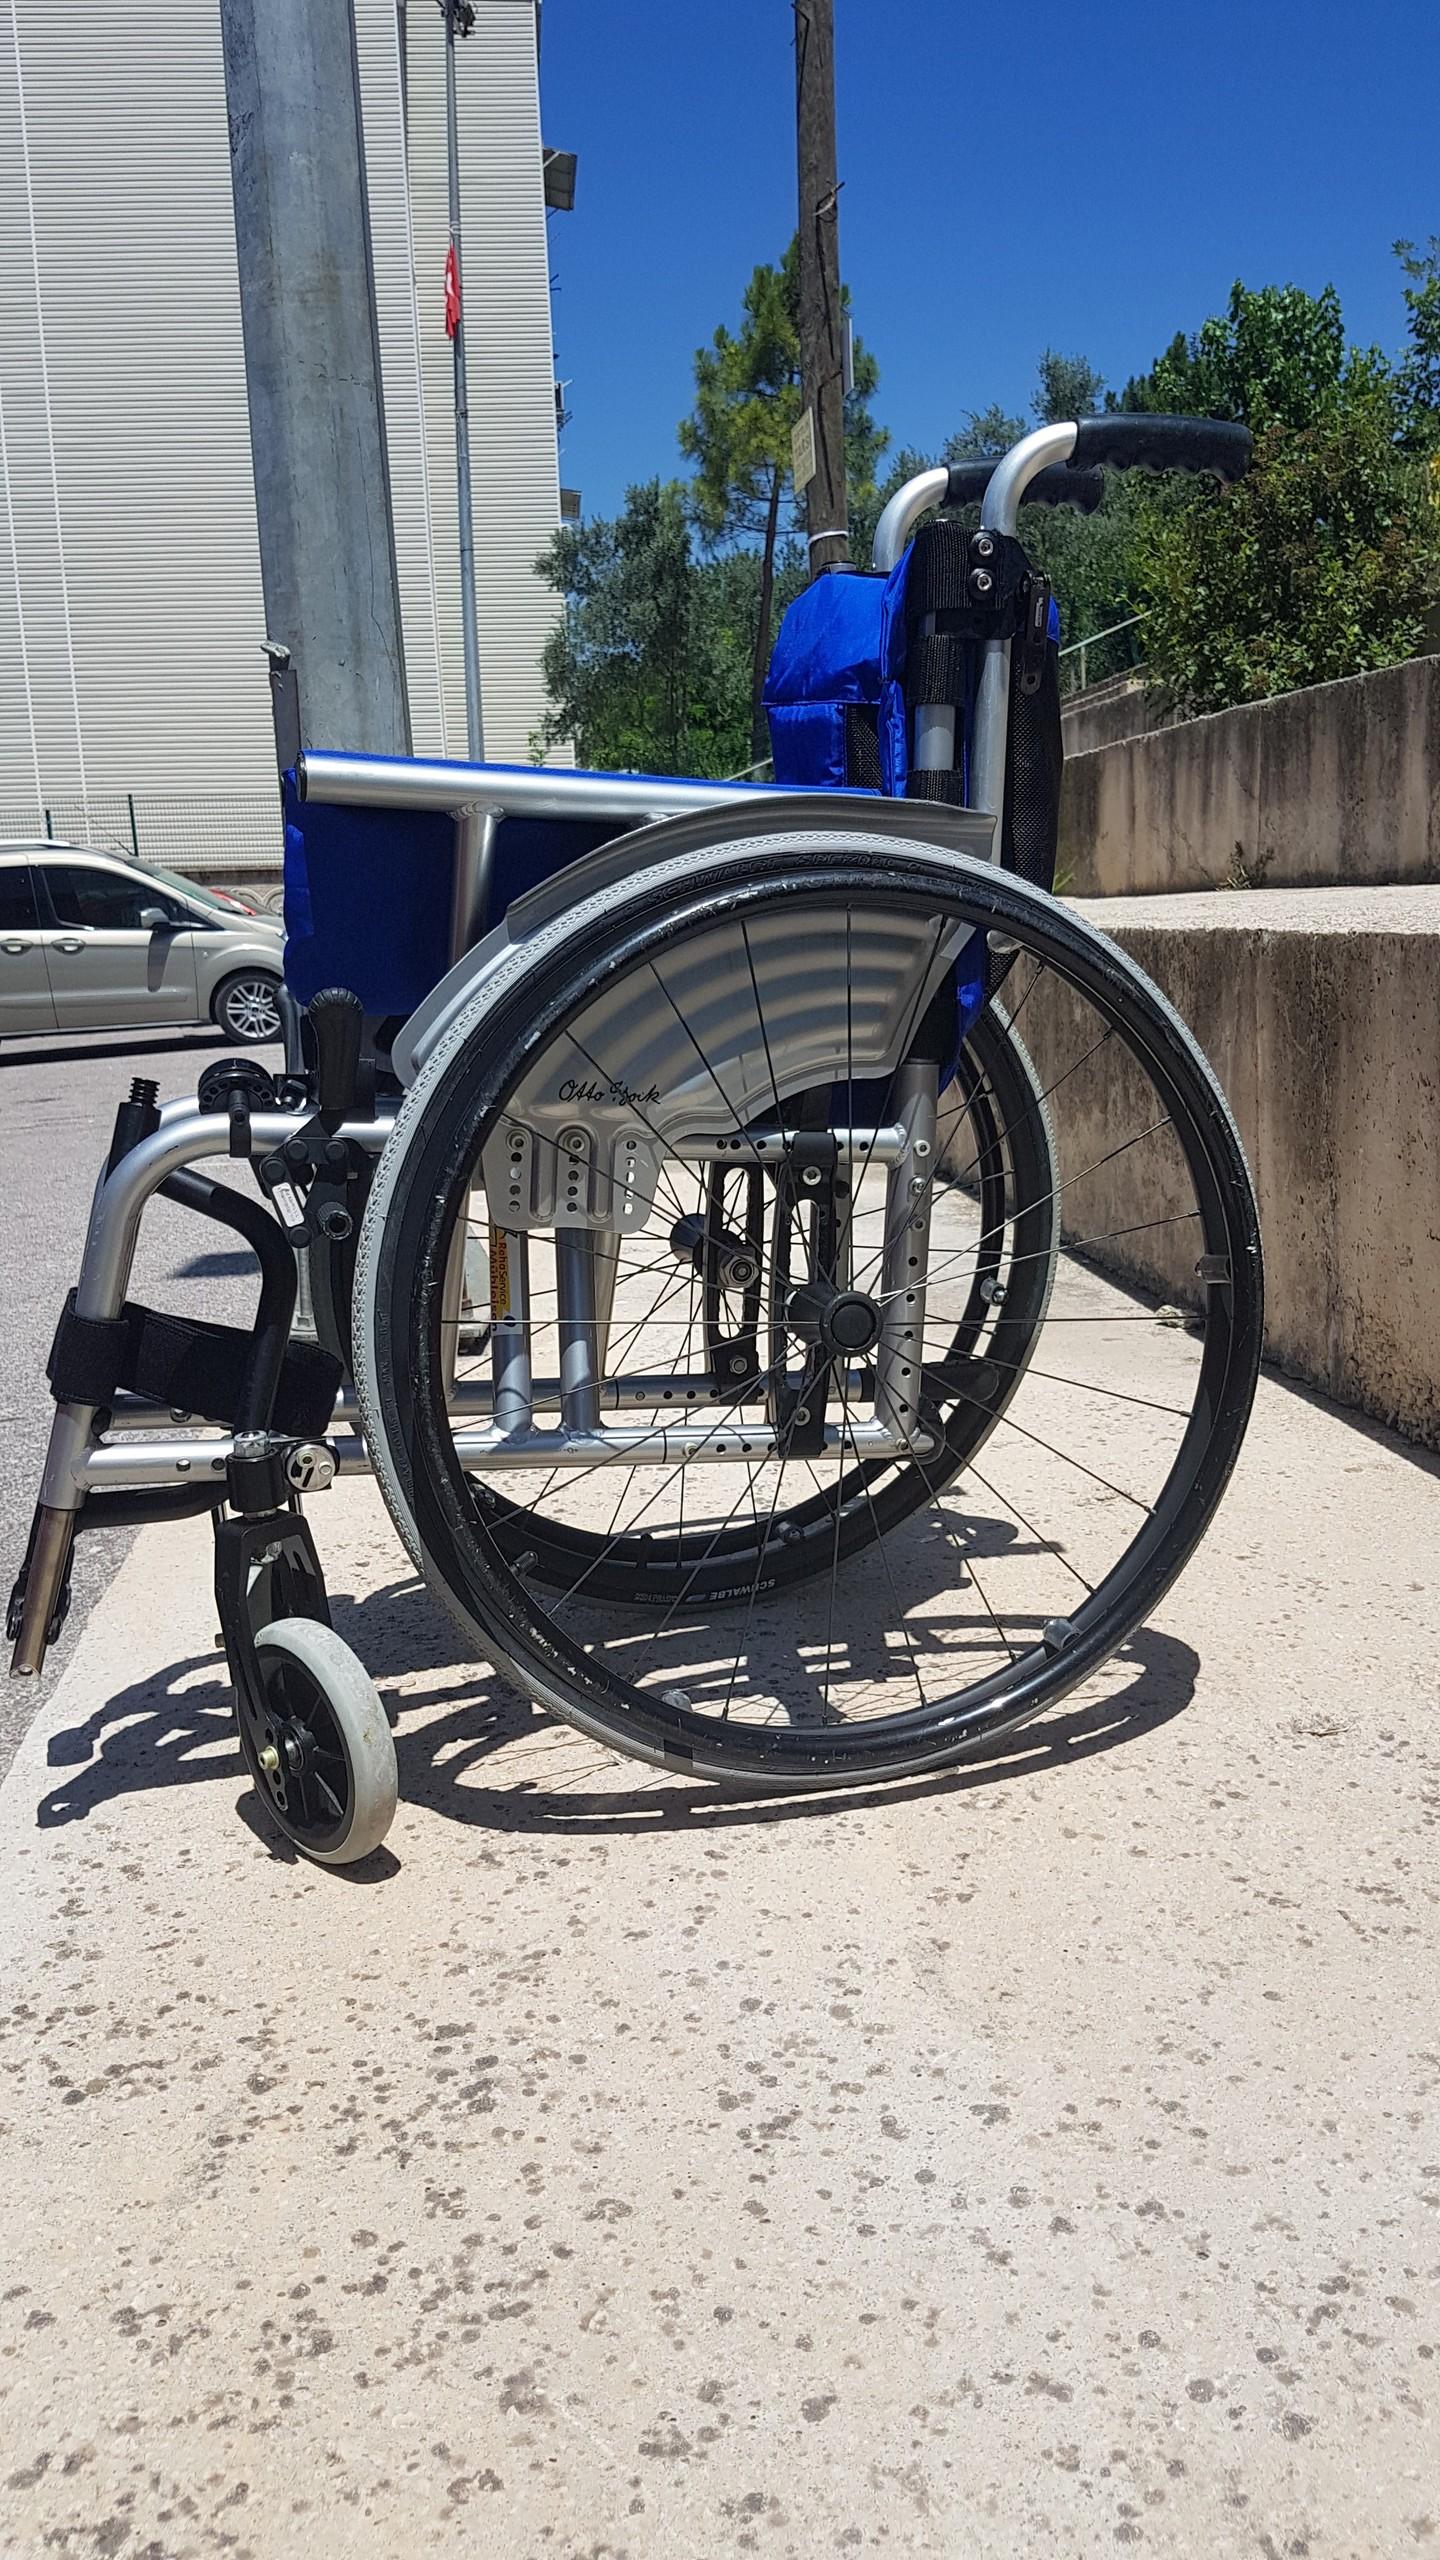 2O5Vbv - Ottobock Avantgarde Ti 8.9 aktif tekerlekli sandalye satılıktır